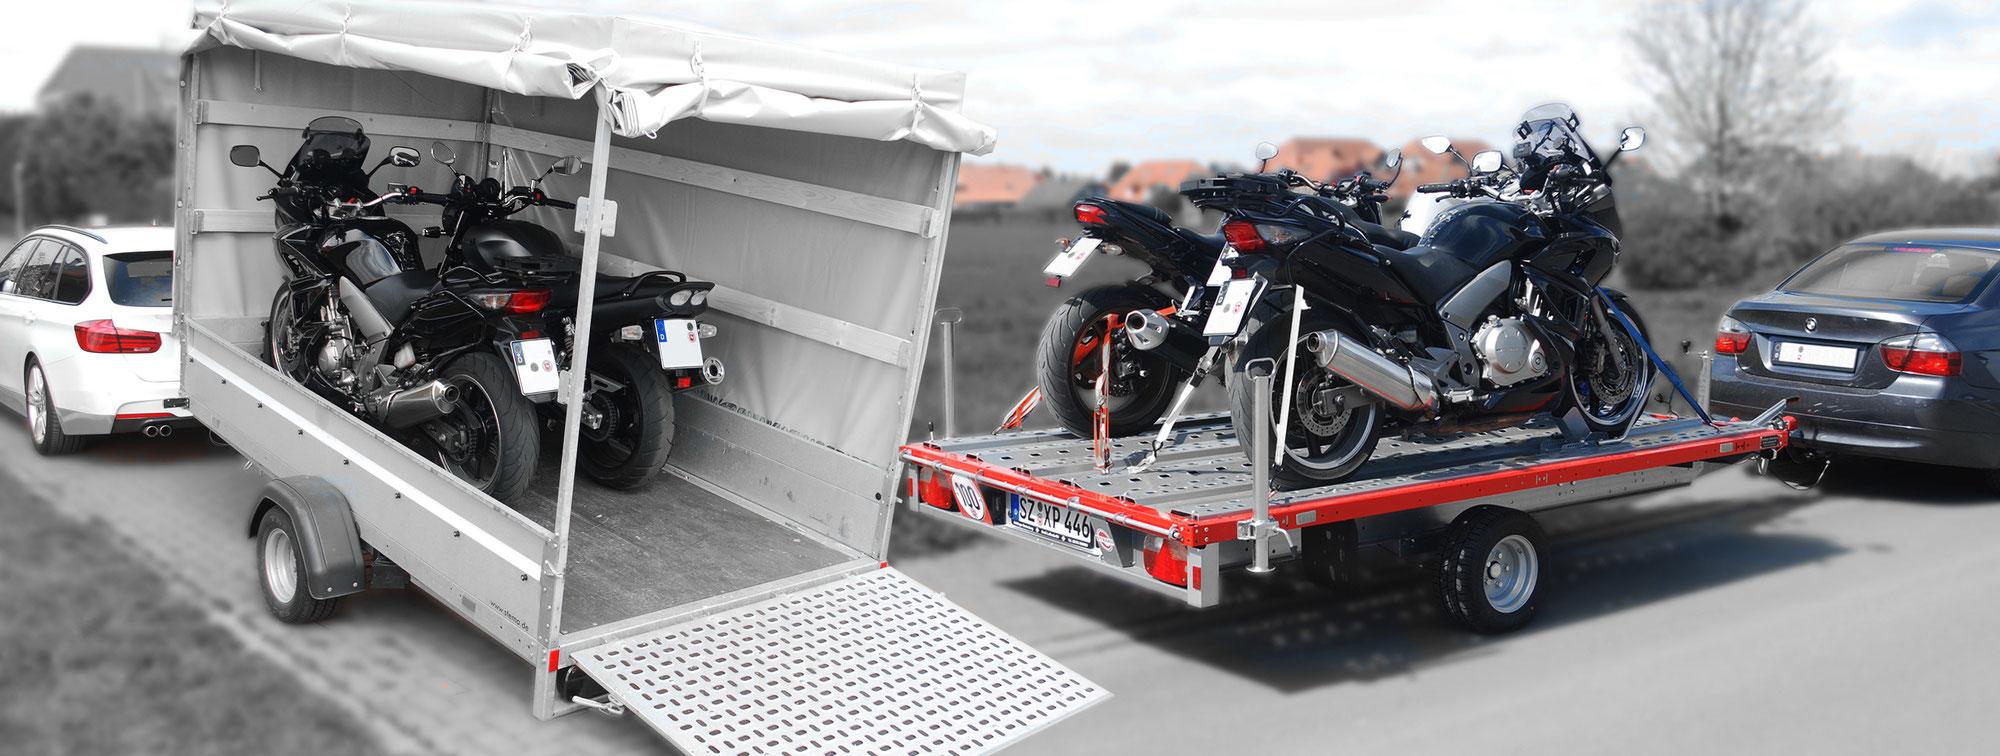 Motorradanhanger Mieten Fur Salzgitter Wolfenbuttel Braunschweig